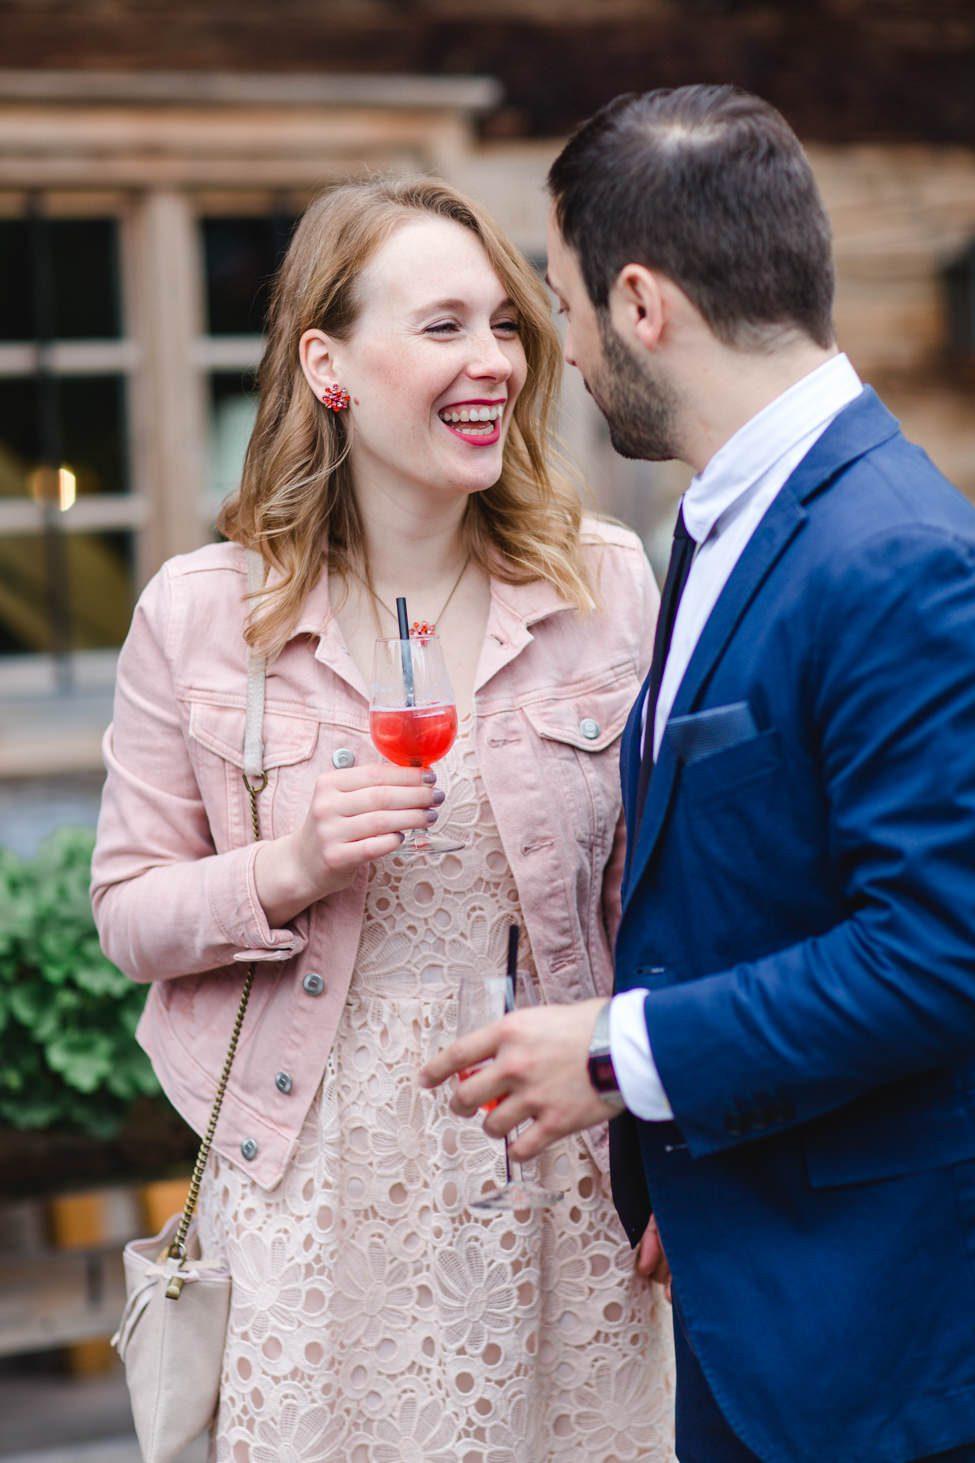 egner als Hochzeit tegernse